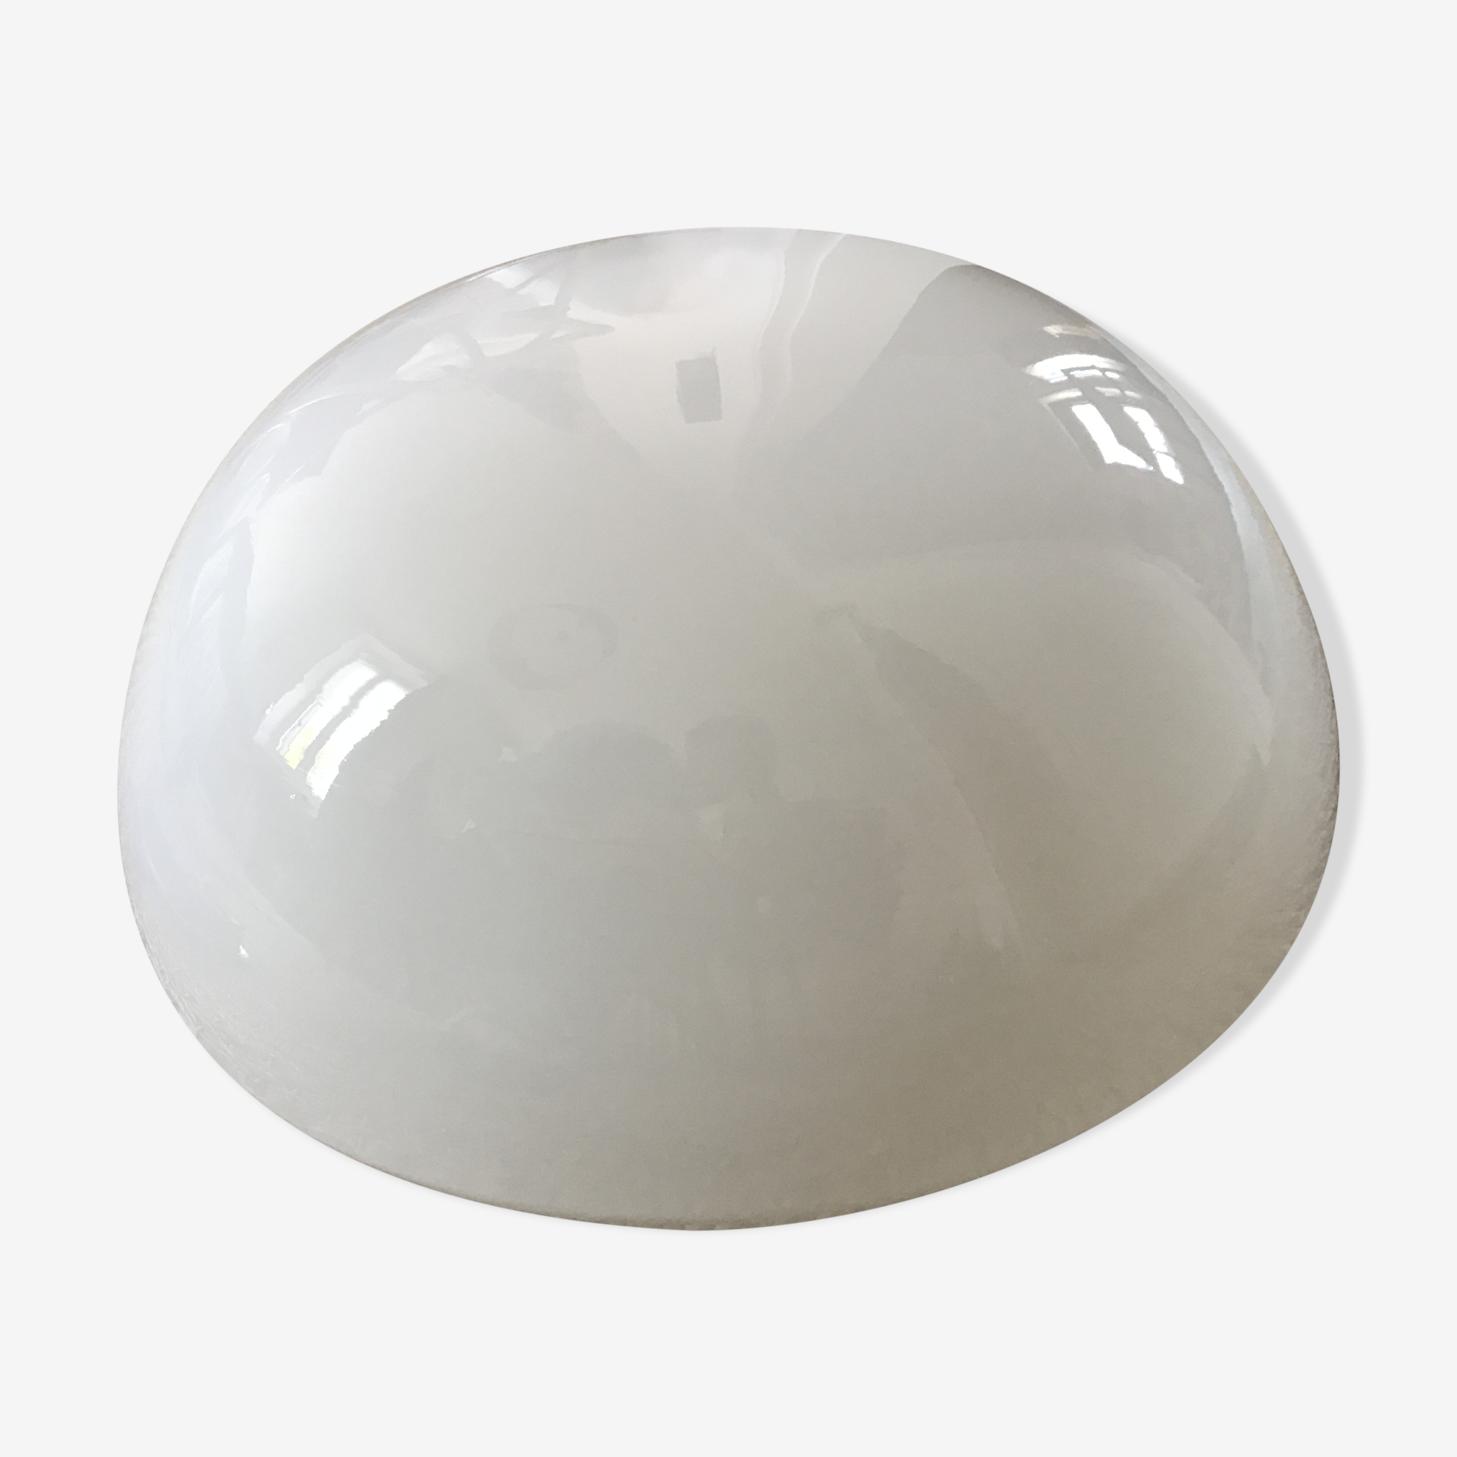 Ball ceiling light in opaline white